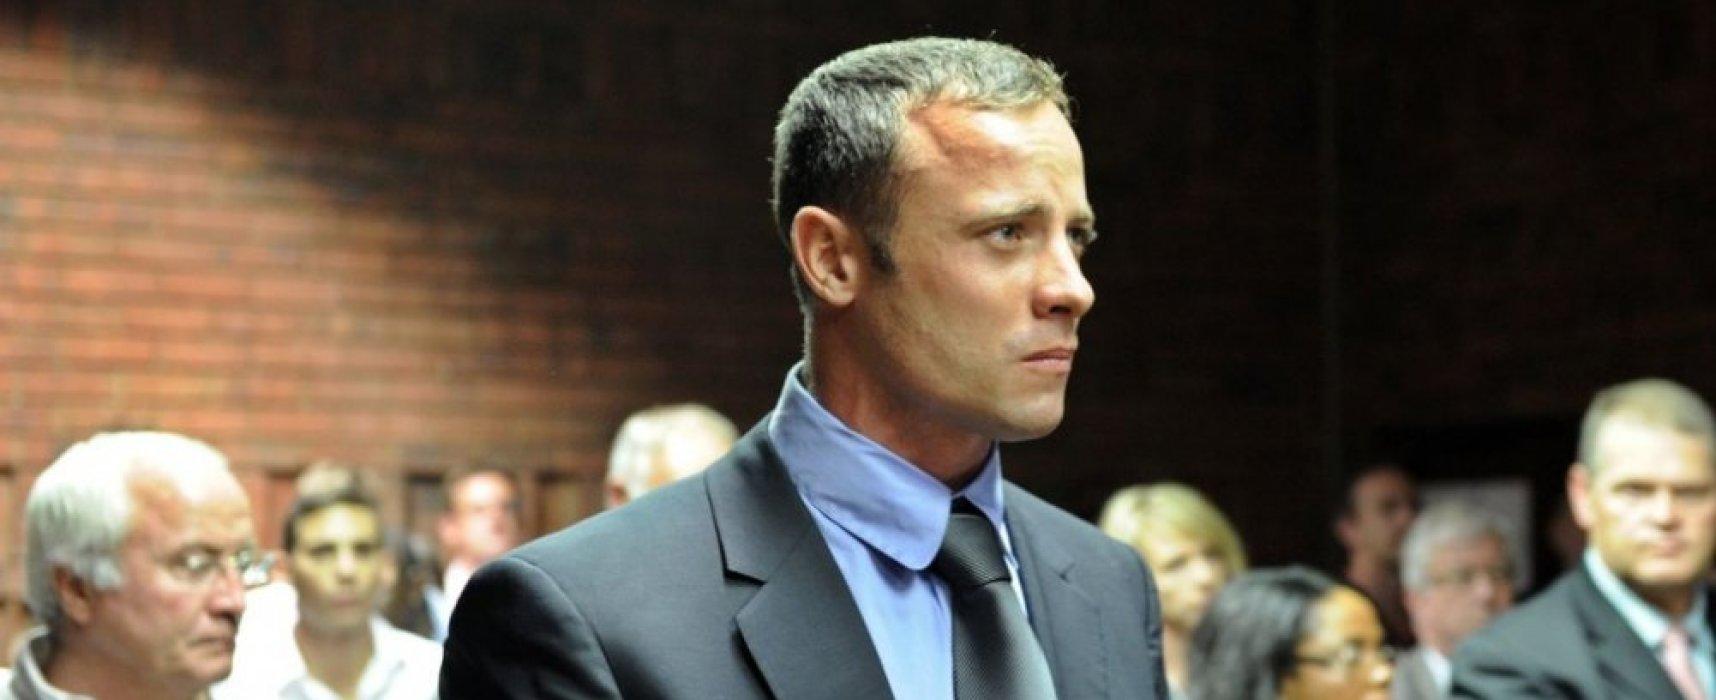 Oscar Pistorius es condenado a cinco años de prisión